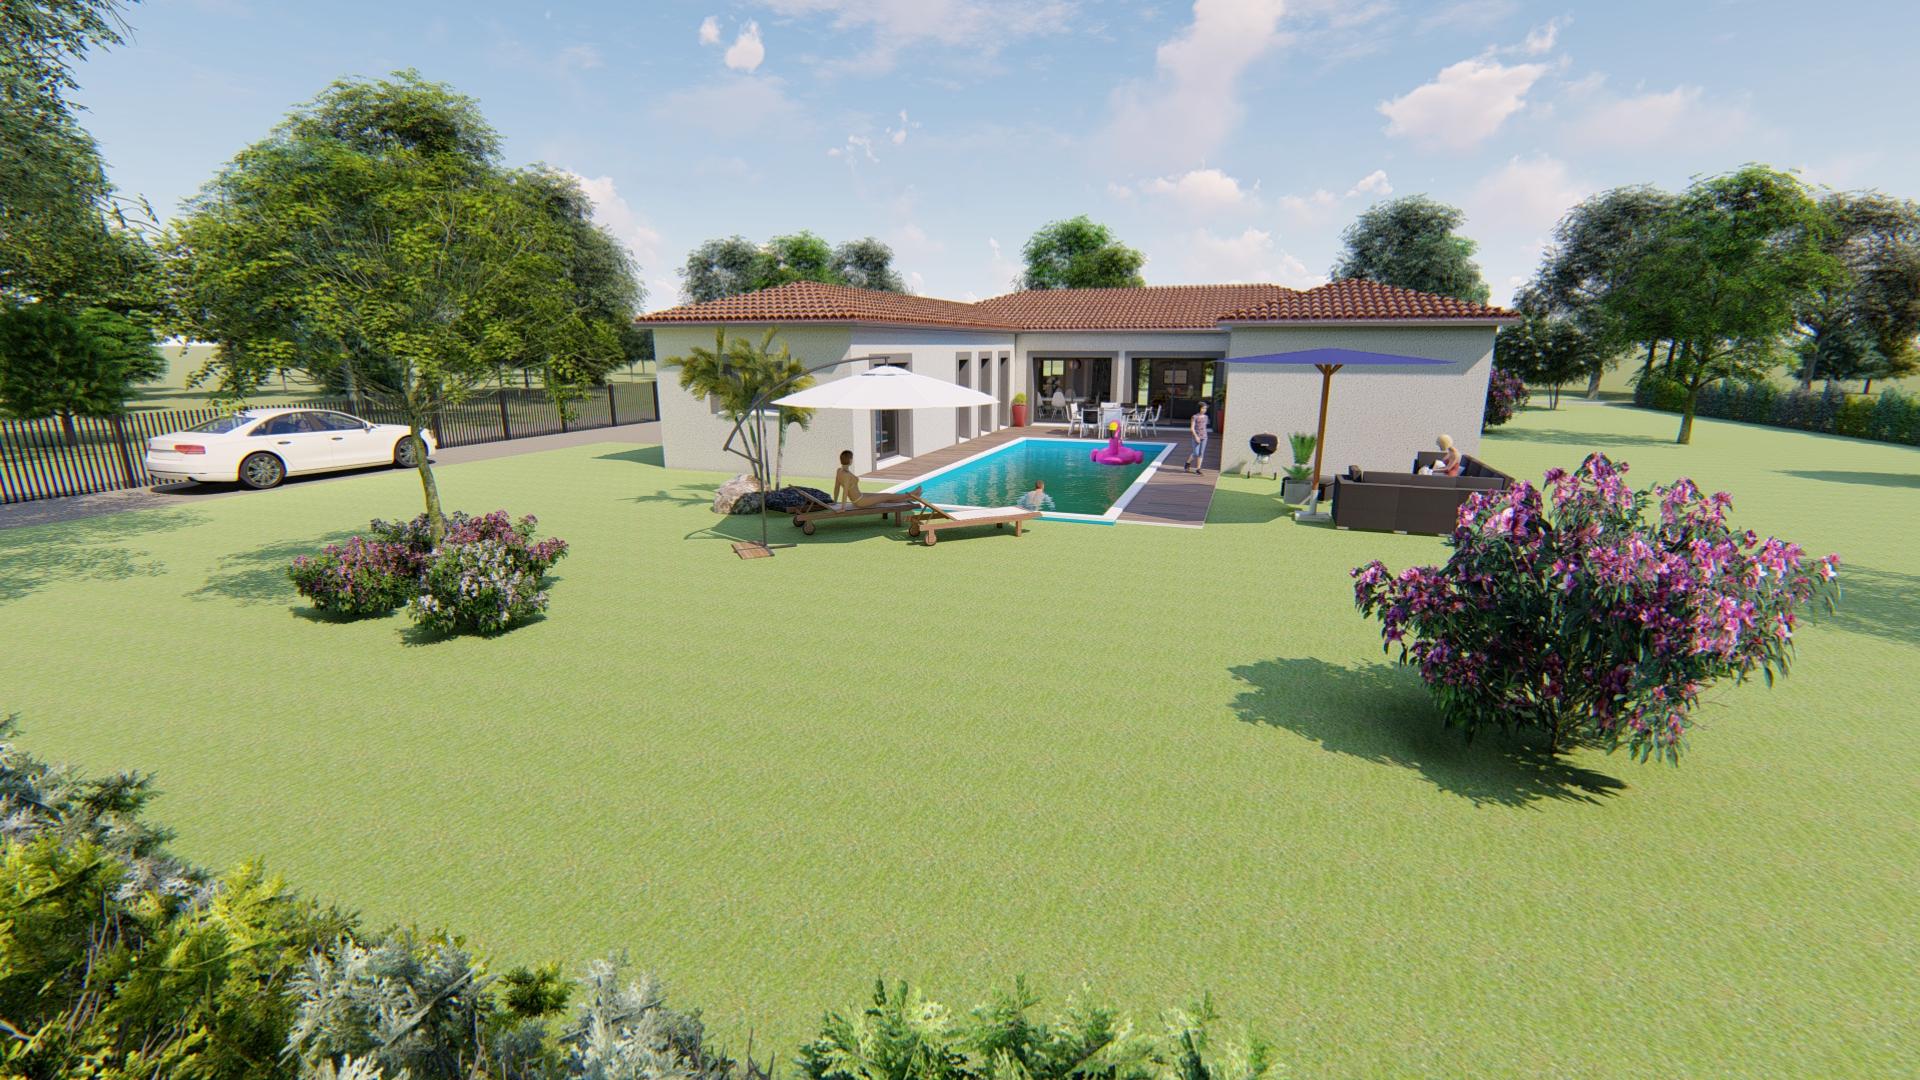 Maisons + Terrains du constructeur VILLAS SUD CREATION • 172 m² • CASTANET TOLOSAN